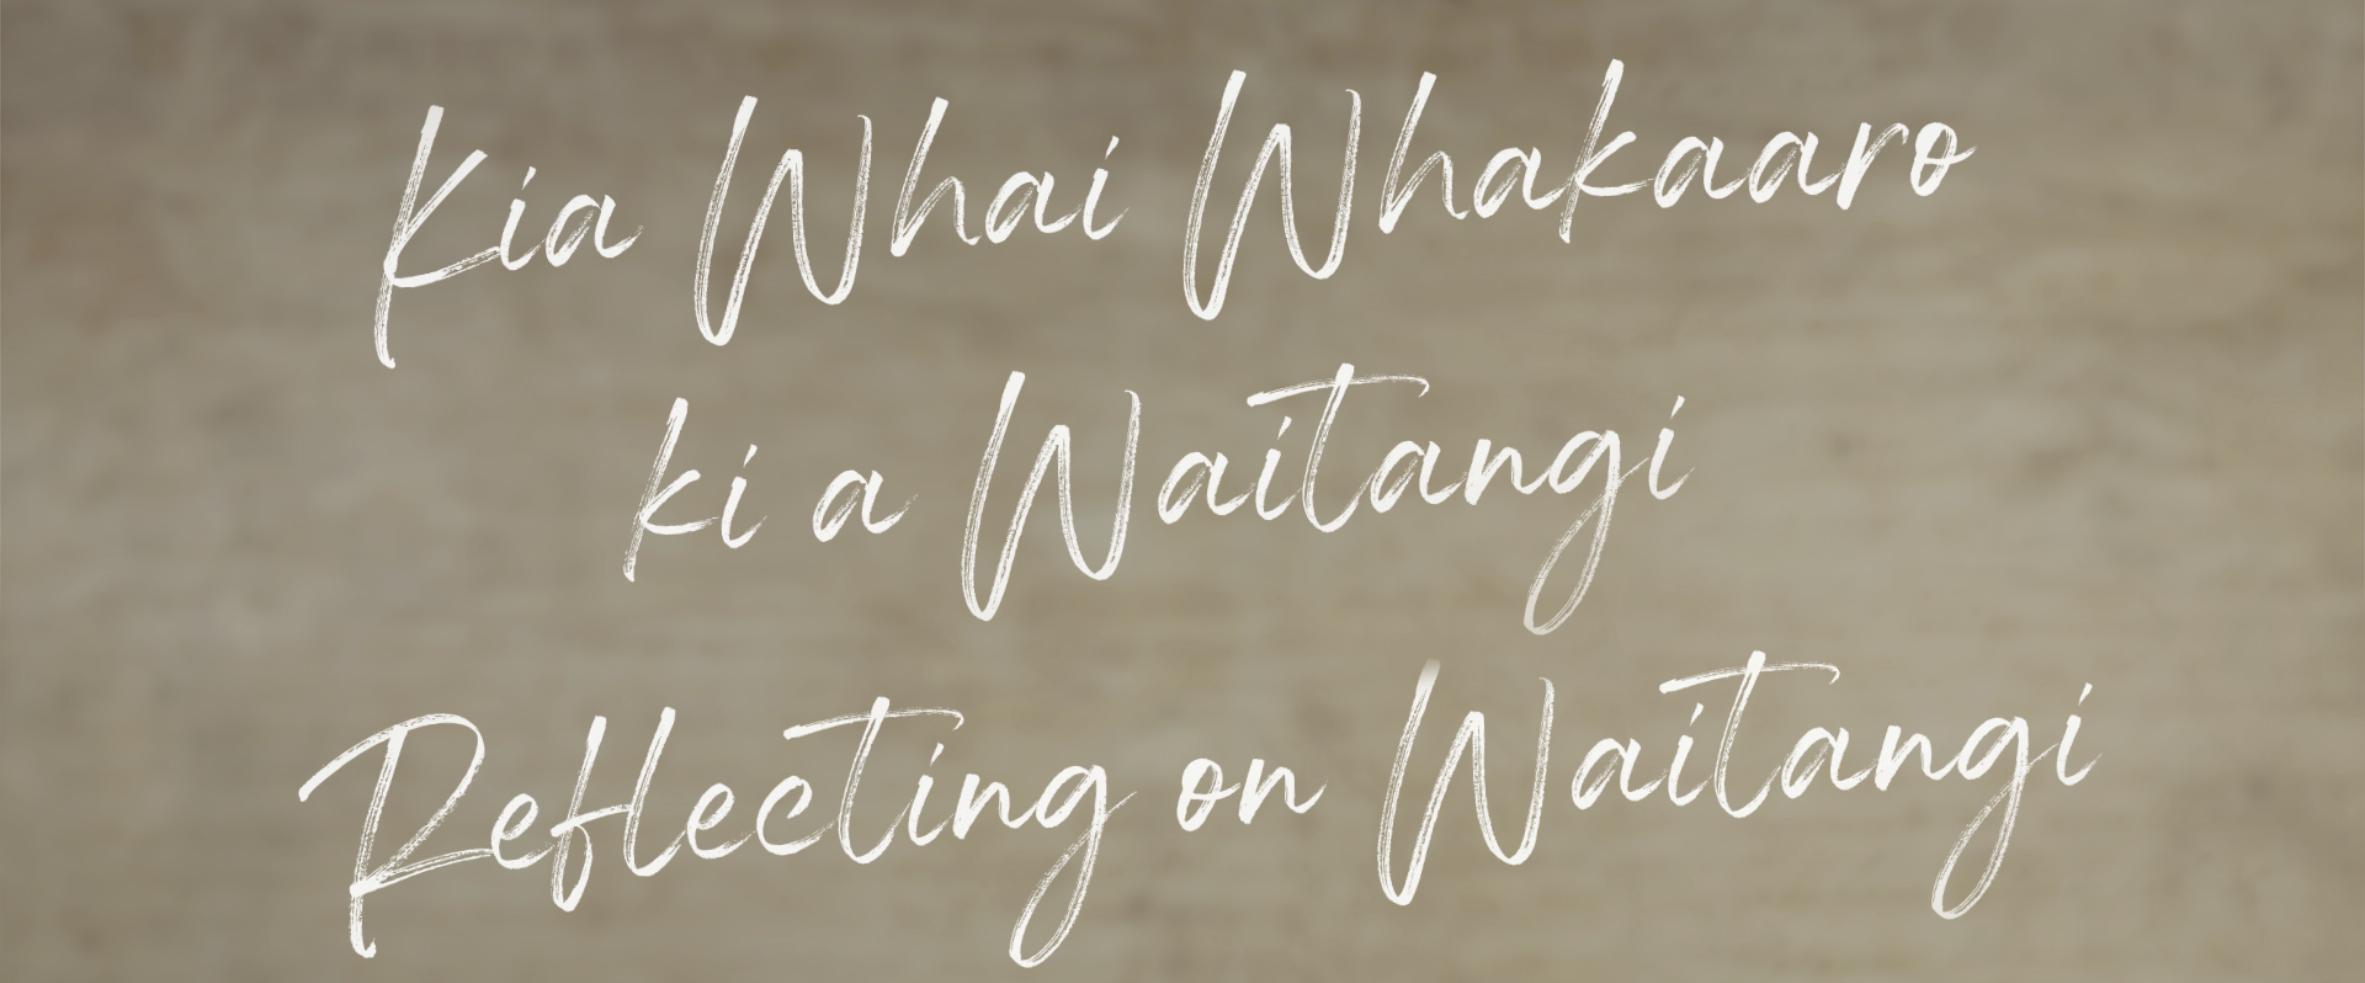 reflecting on waitangi